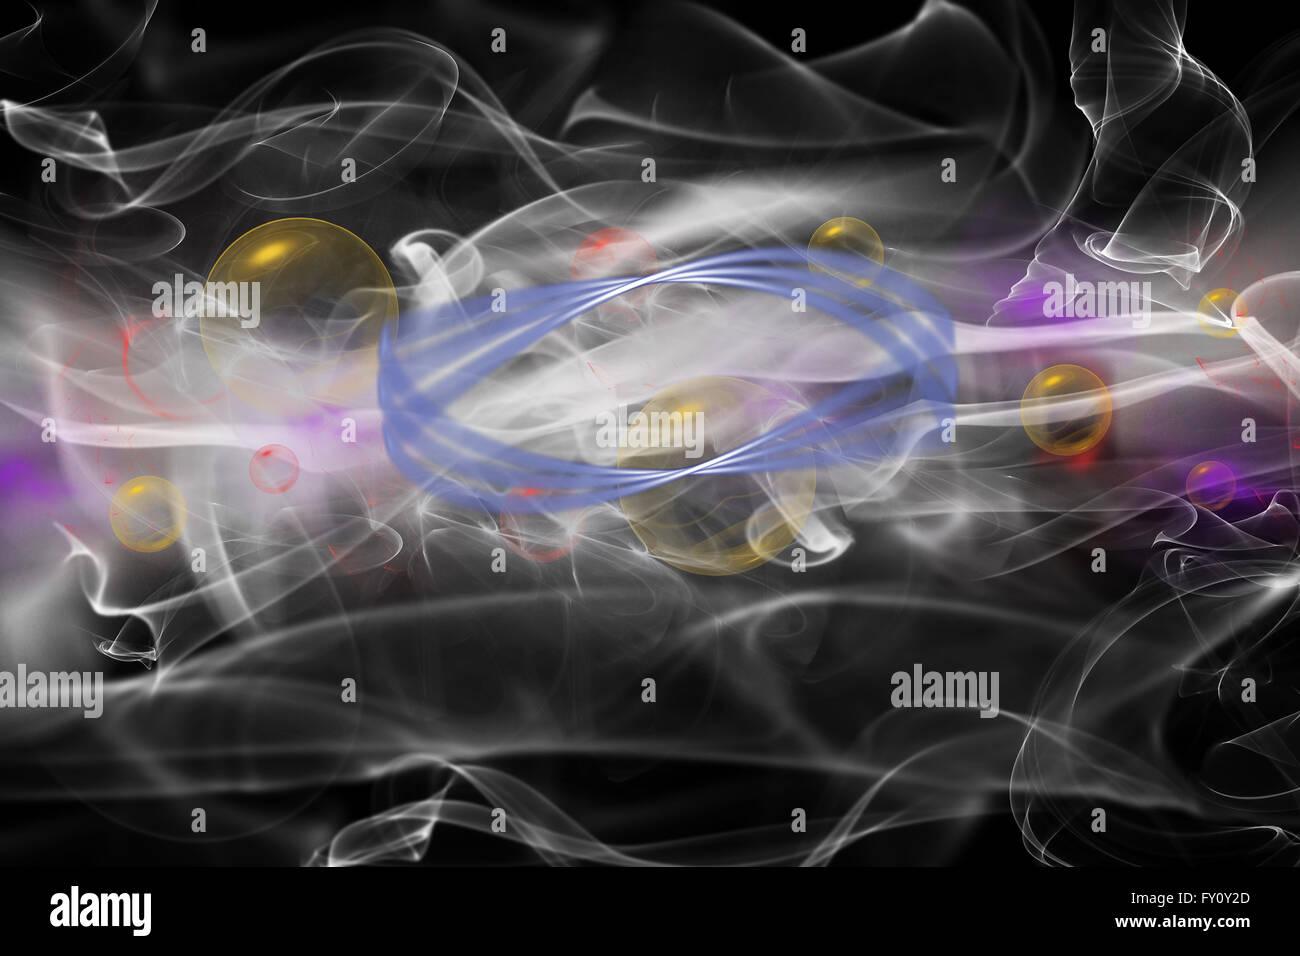 Résumé composé d'une couleur de fumée, de lumières et d'objets sur le fond noir. Photo Stock